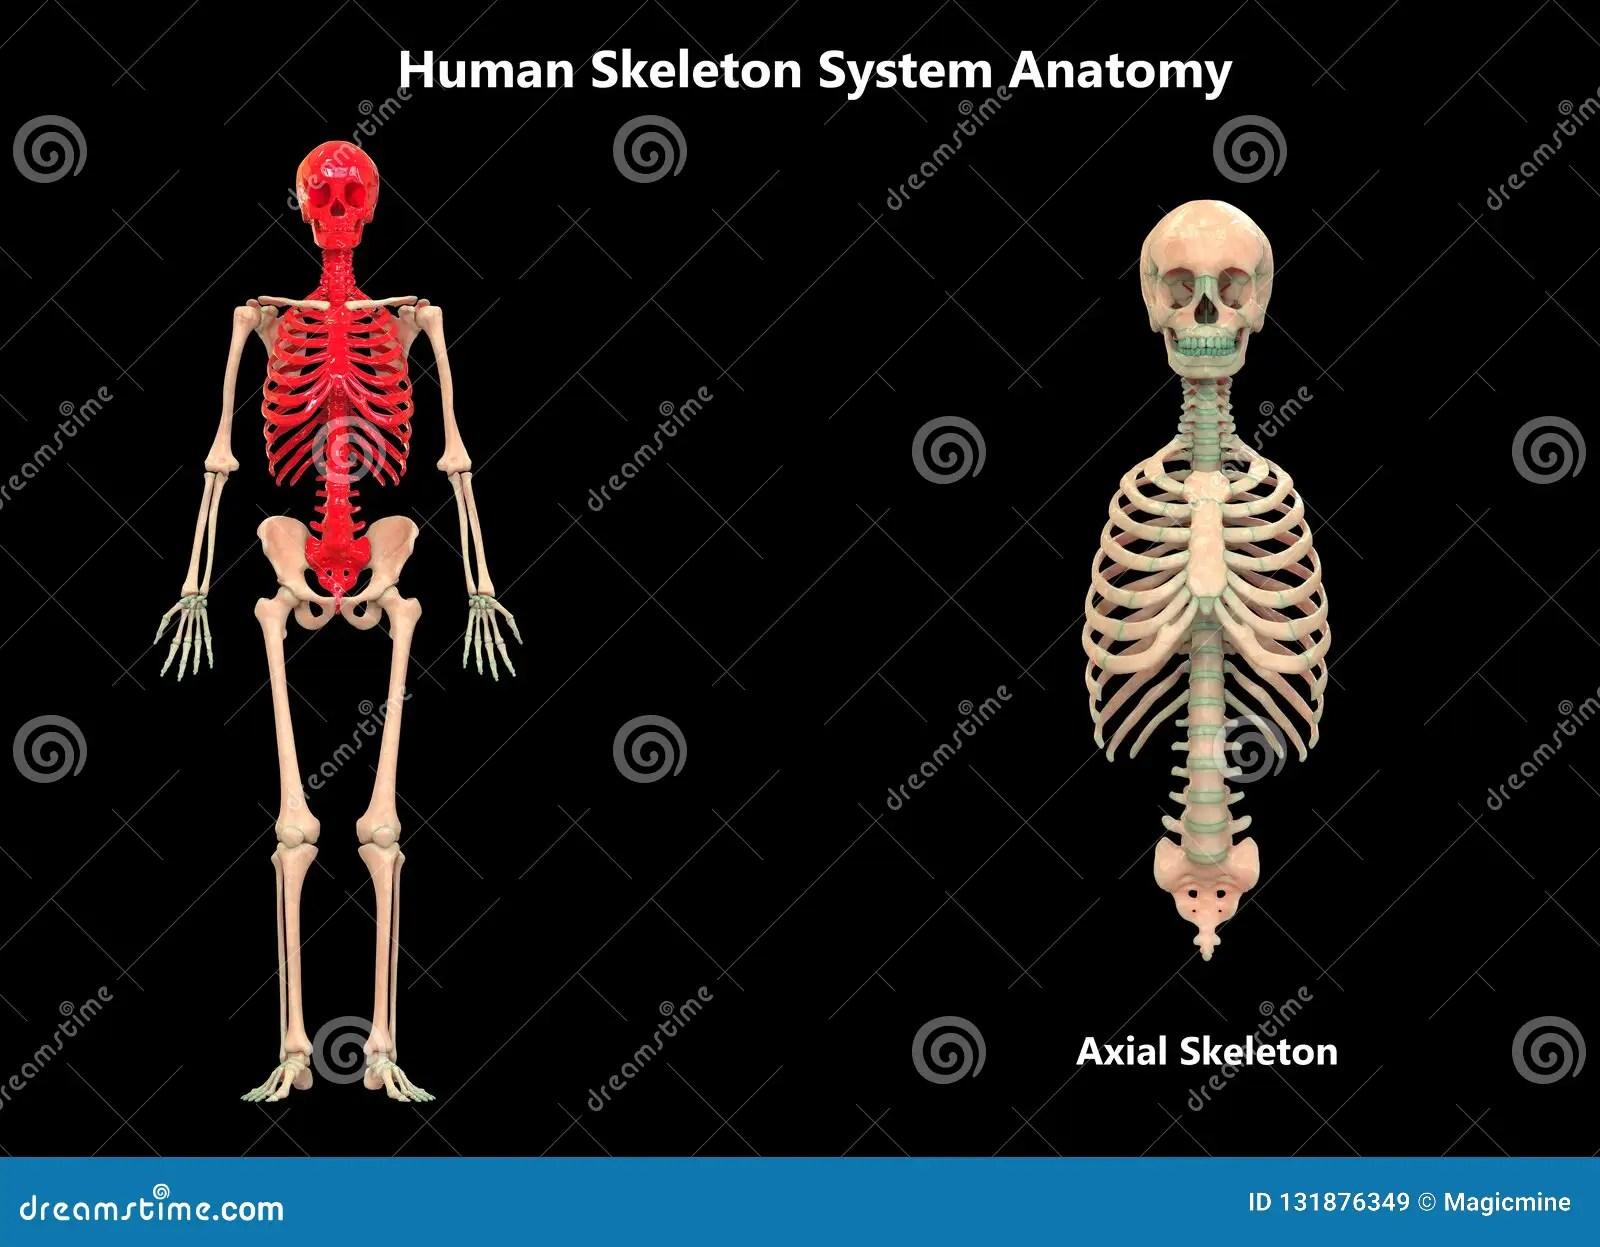 Human Body Skeleton System Axial Skeleton Anatomy Stock